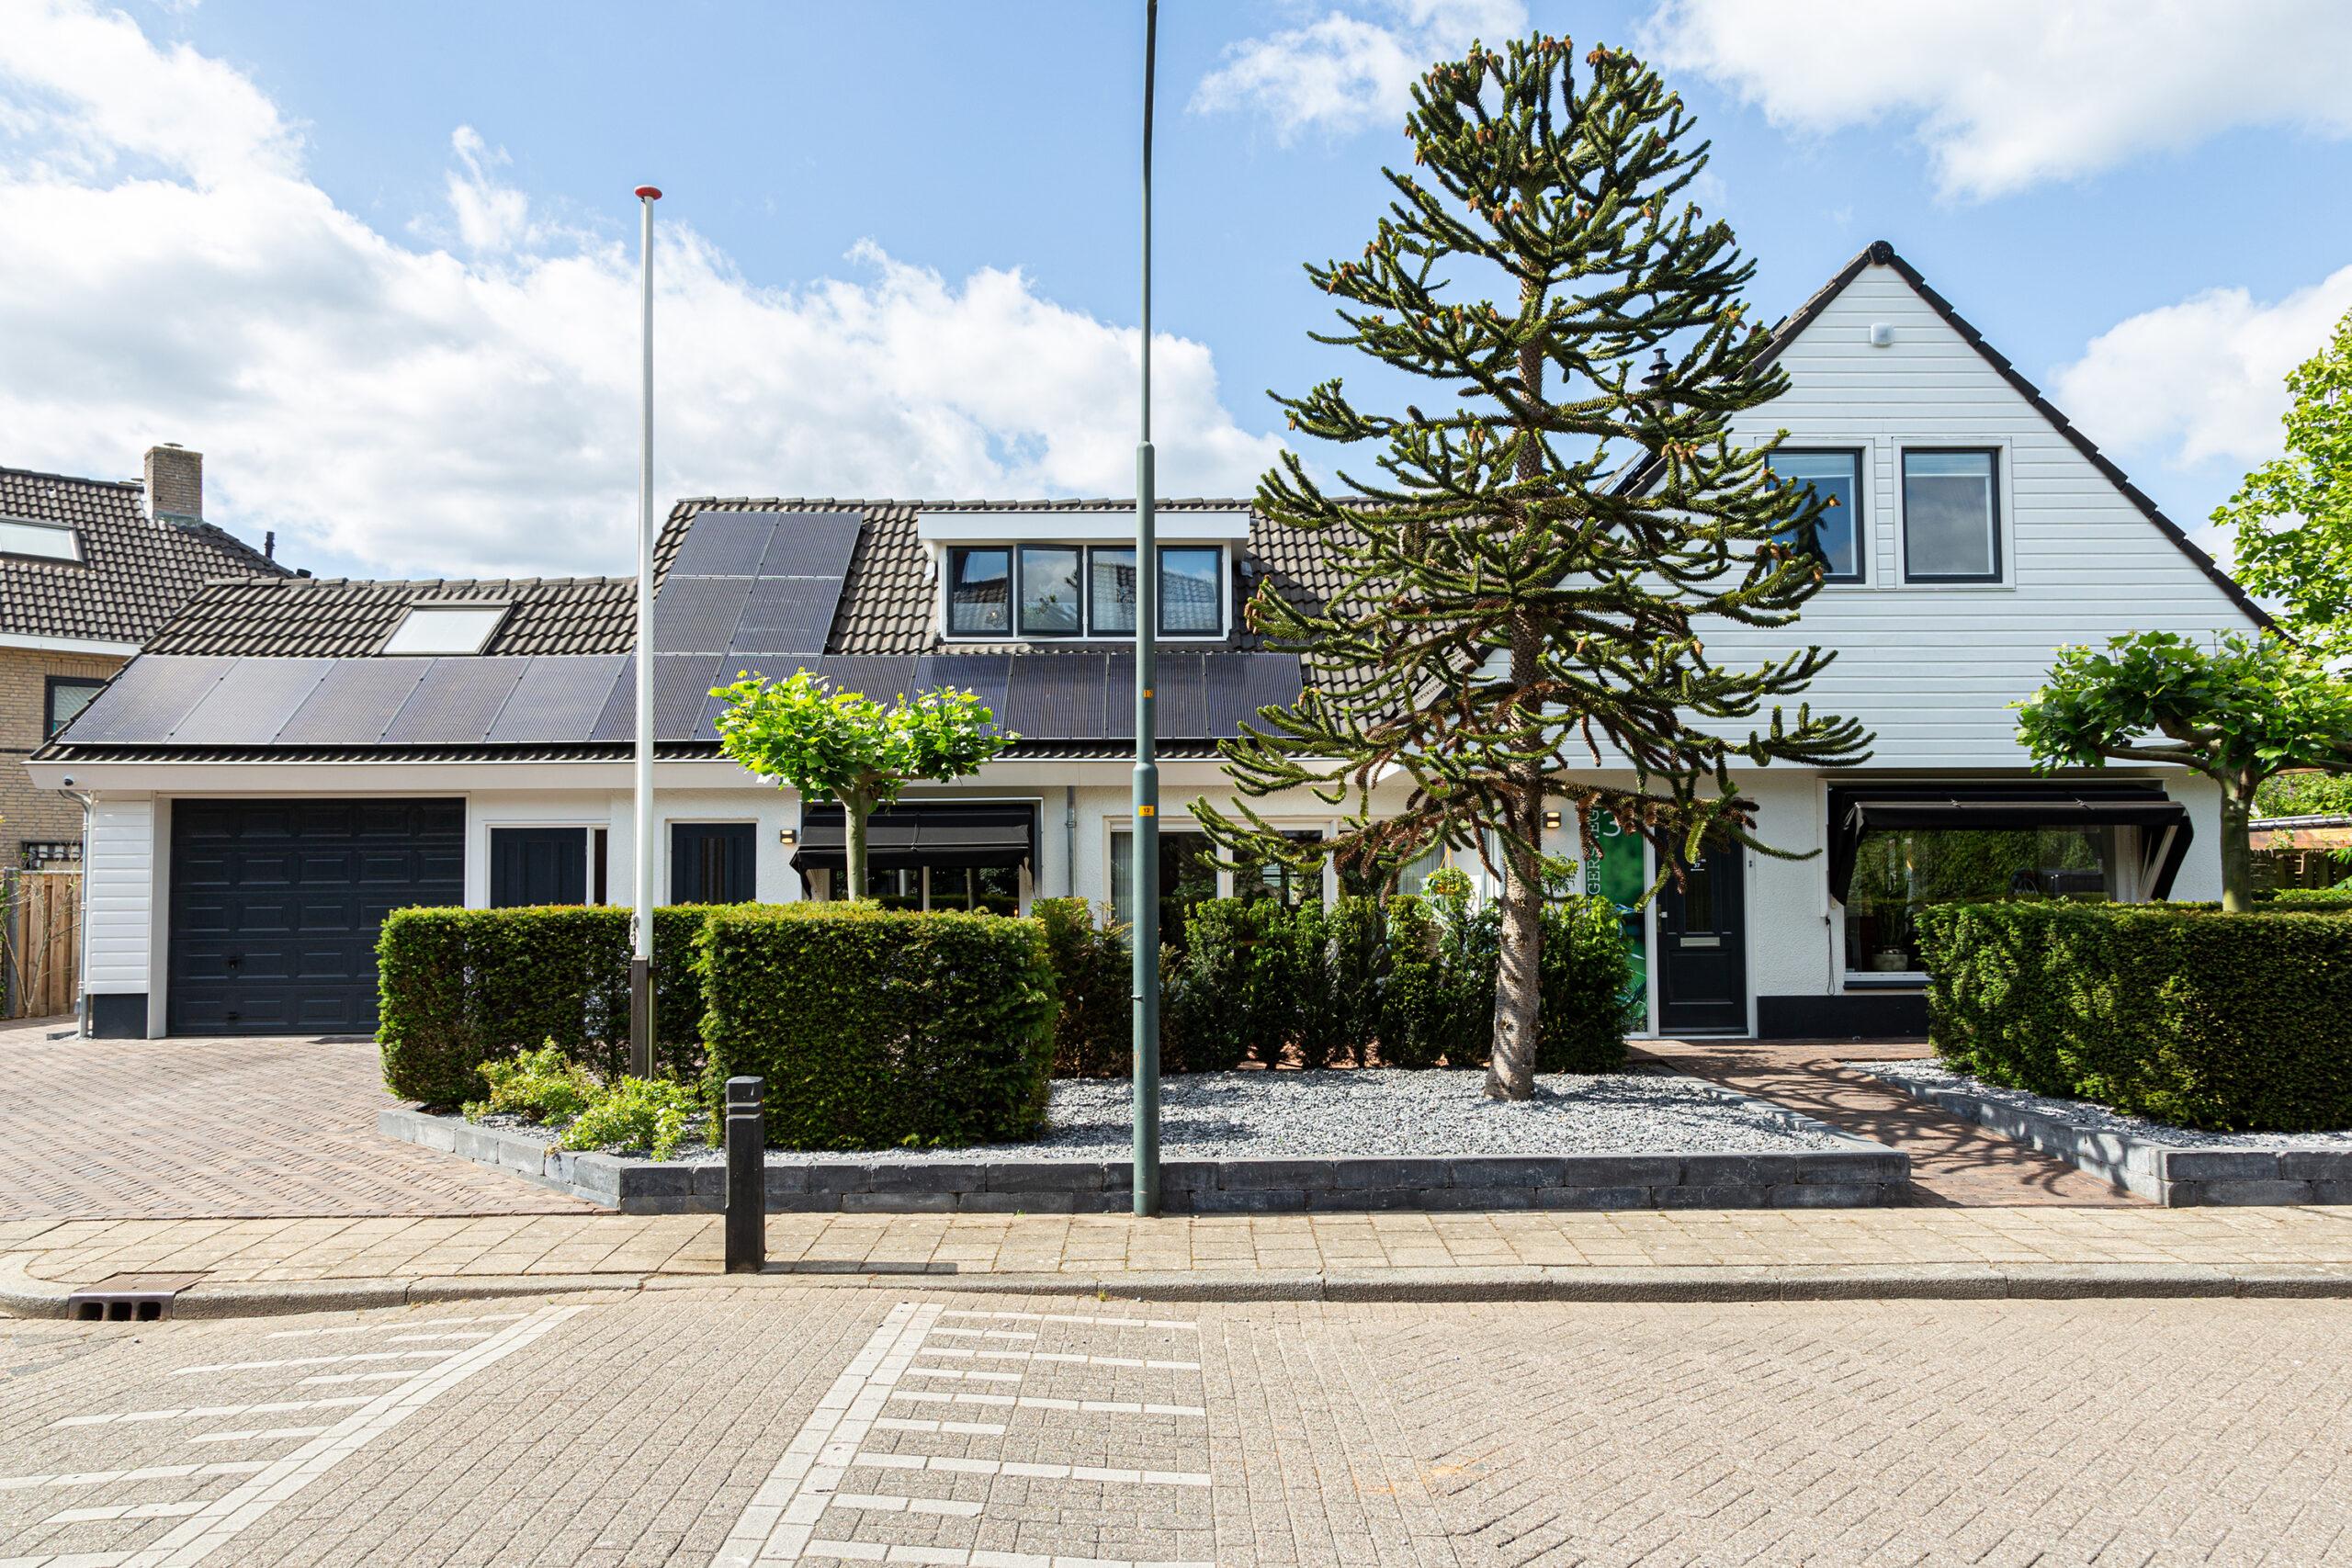 Reigersweg 37 Apeldoorn (1)